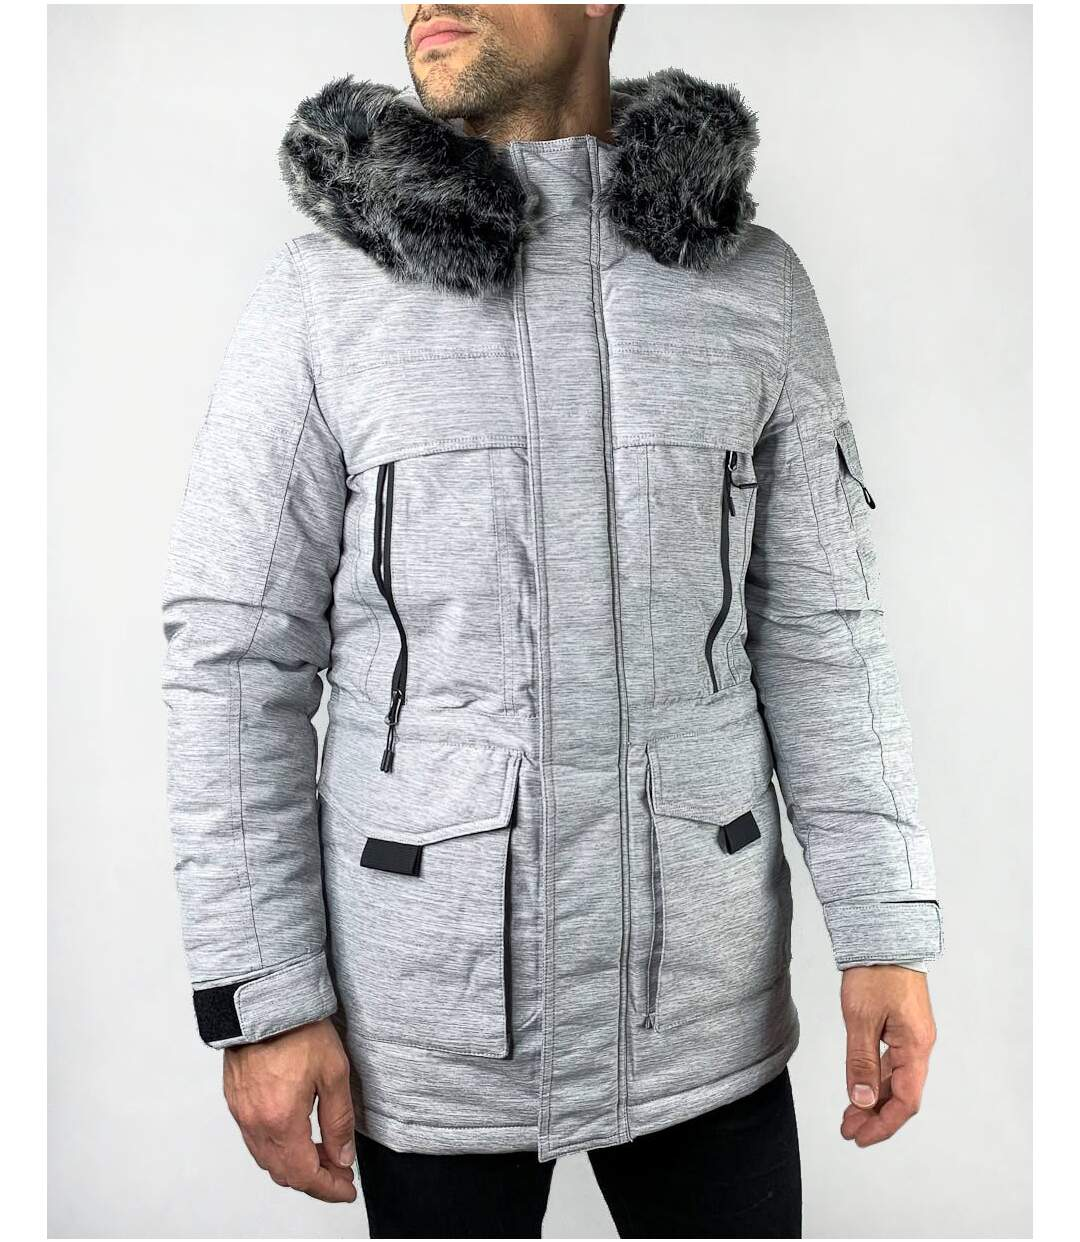 Veste Parka longue gris chiné à capuche fausse fourrure amovible pour homme